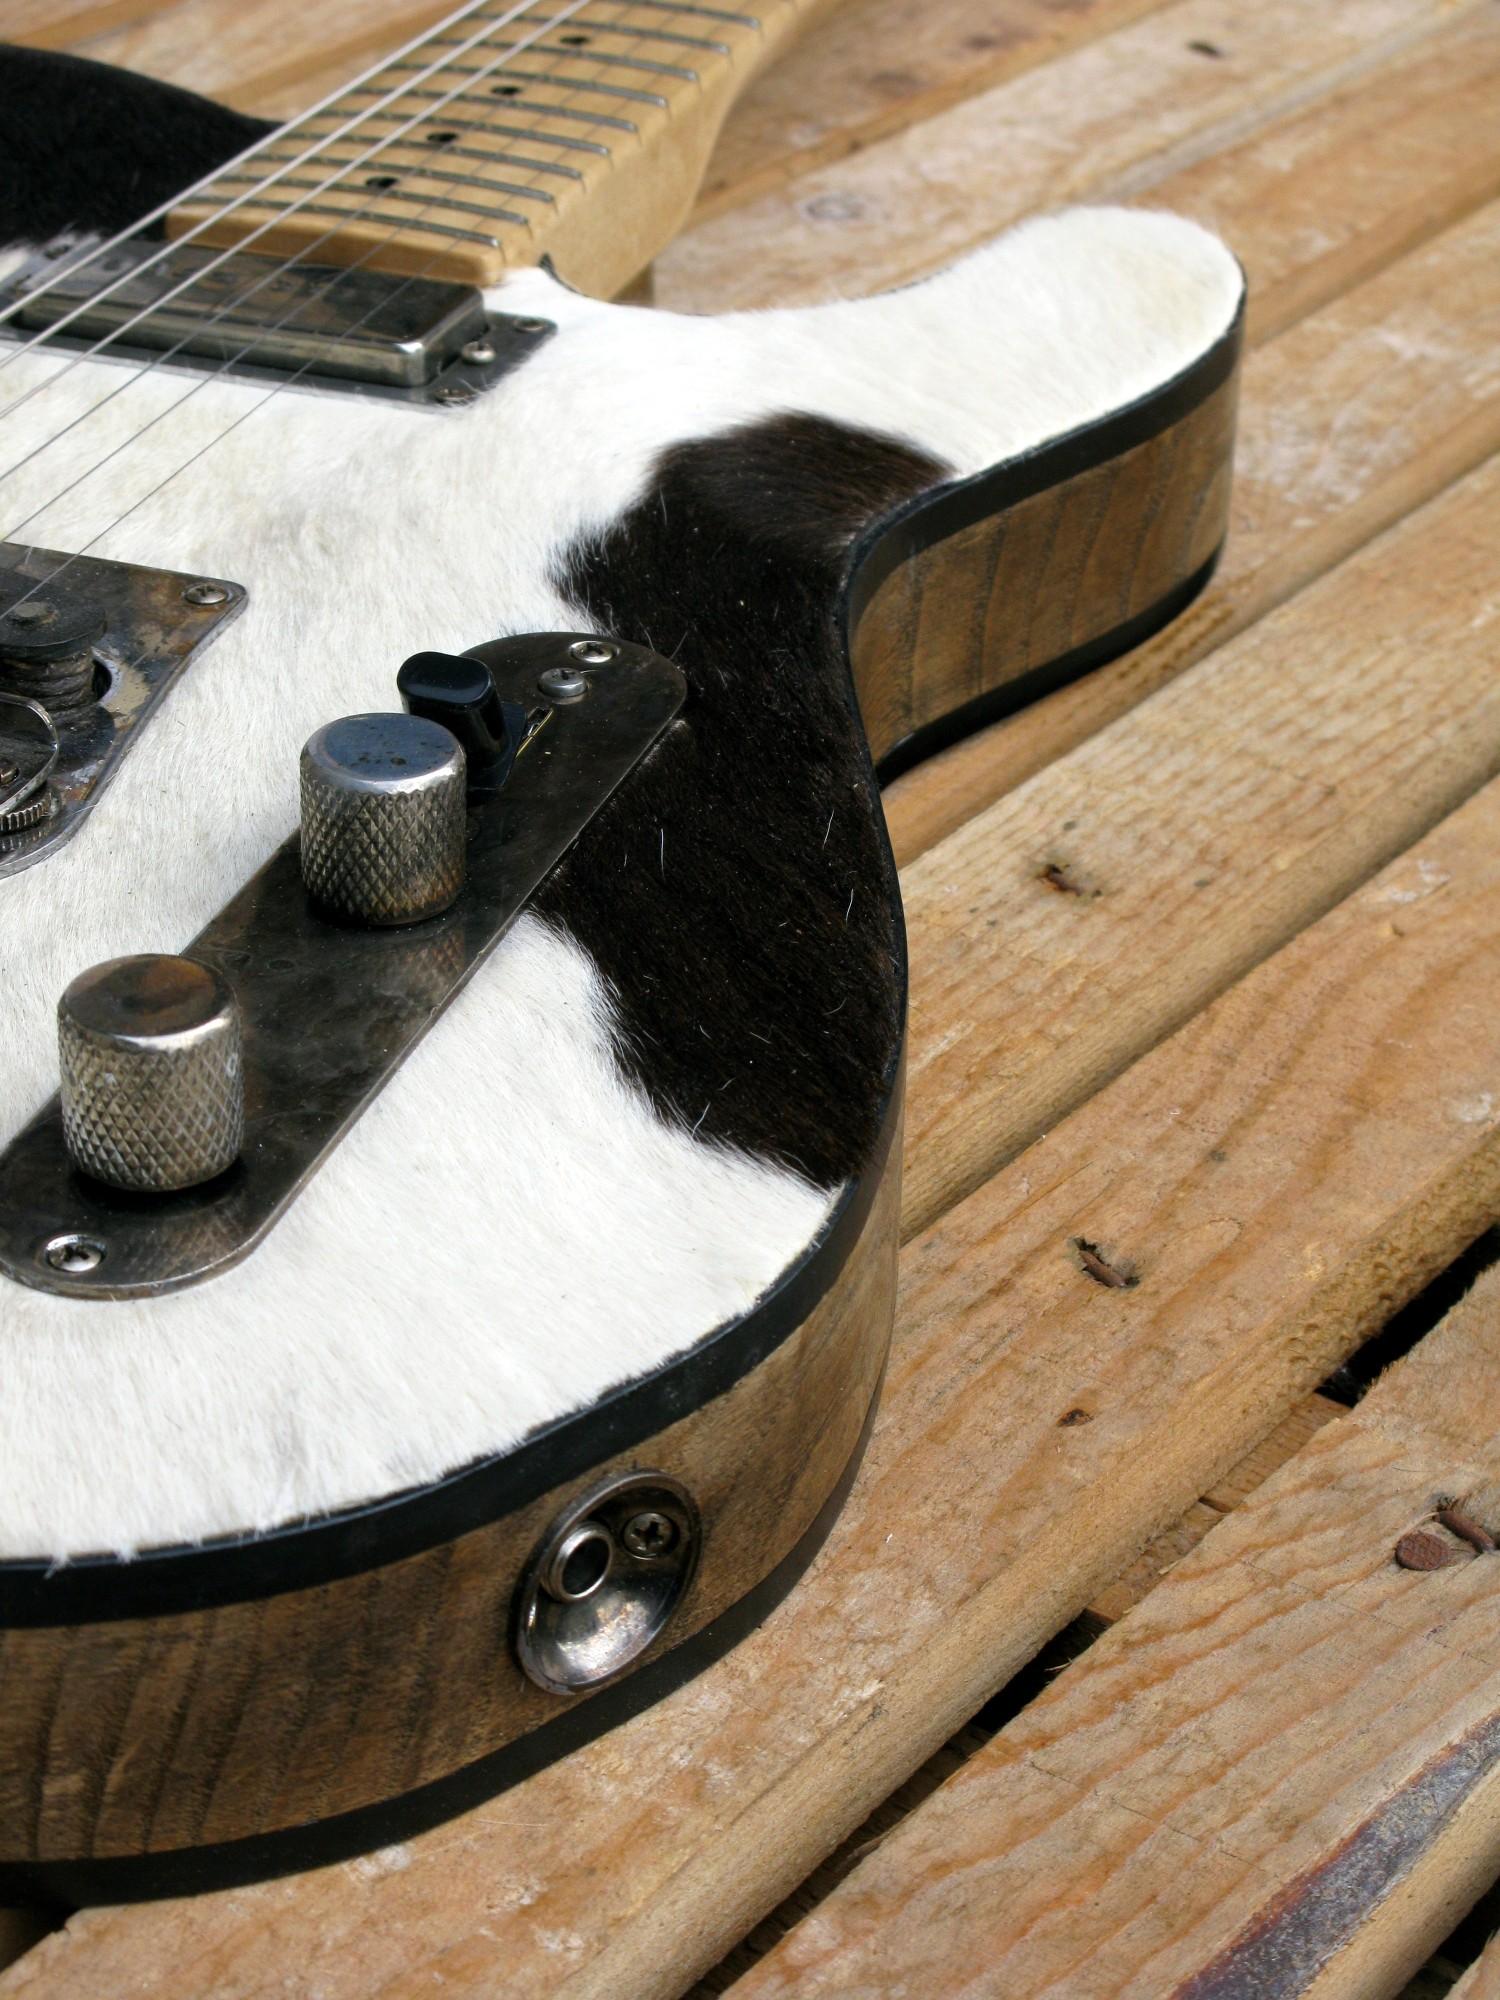 Controlli di una chitarra Telecaster in castagno con top in pelle di mucca